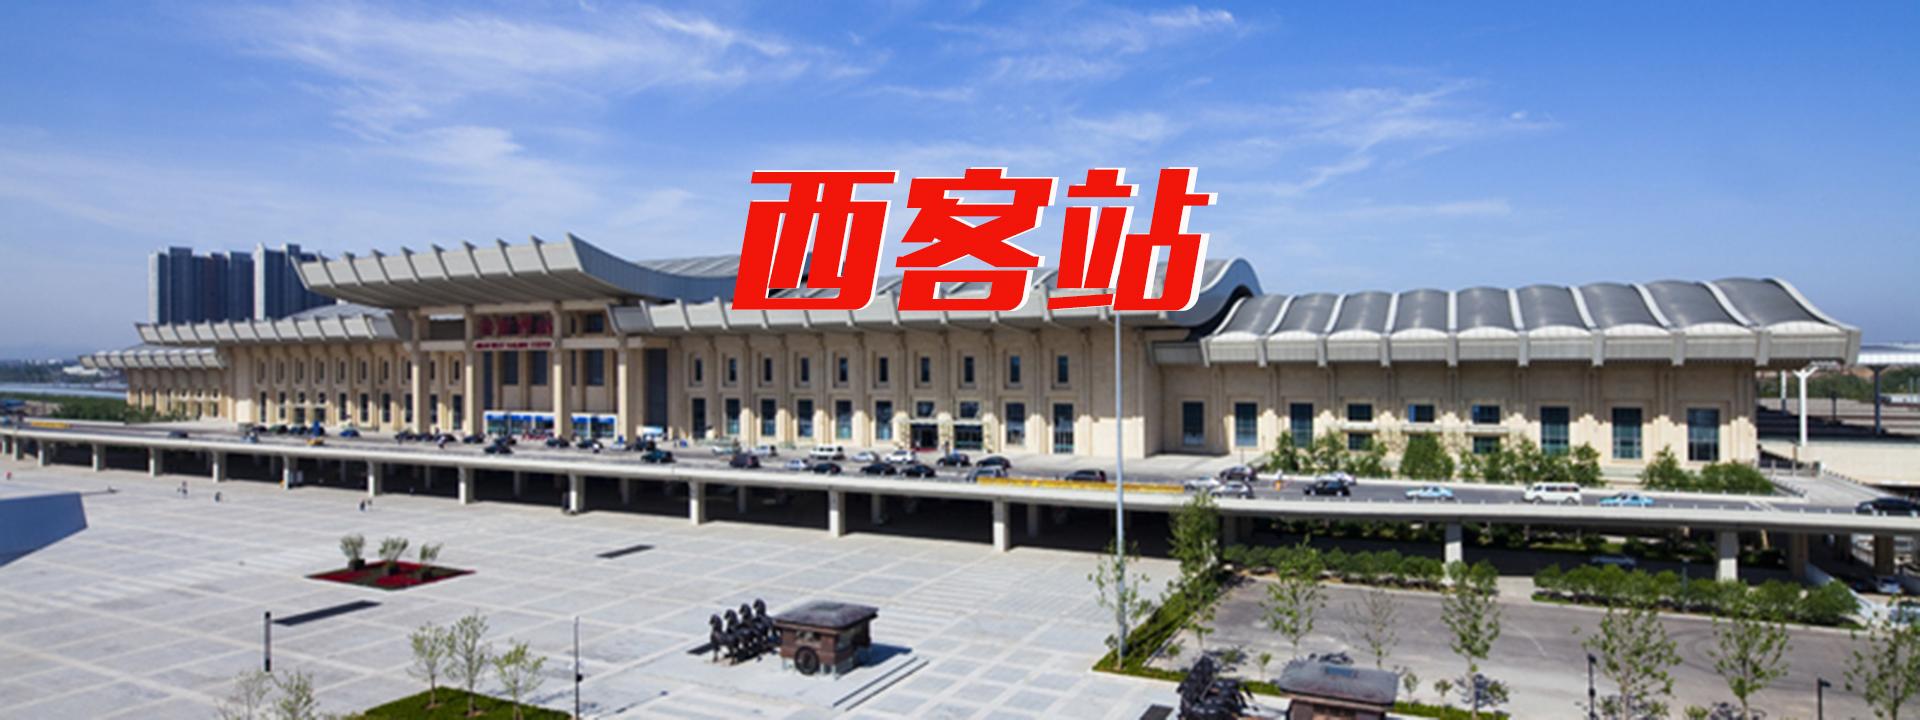 济南西客站